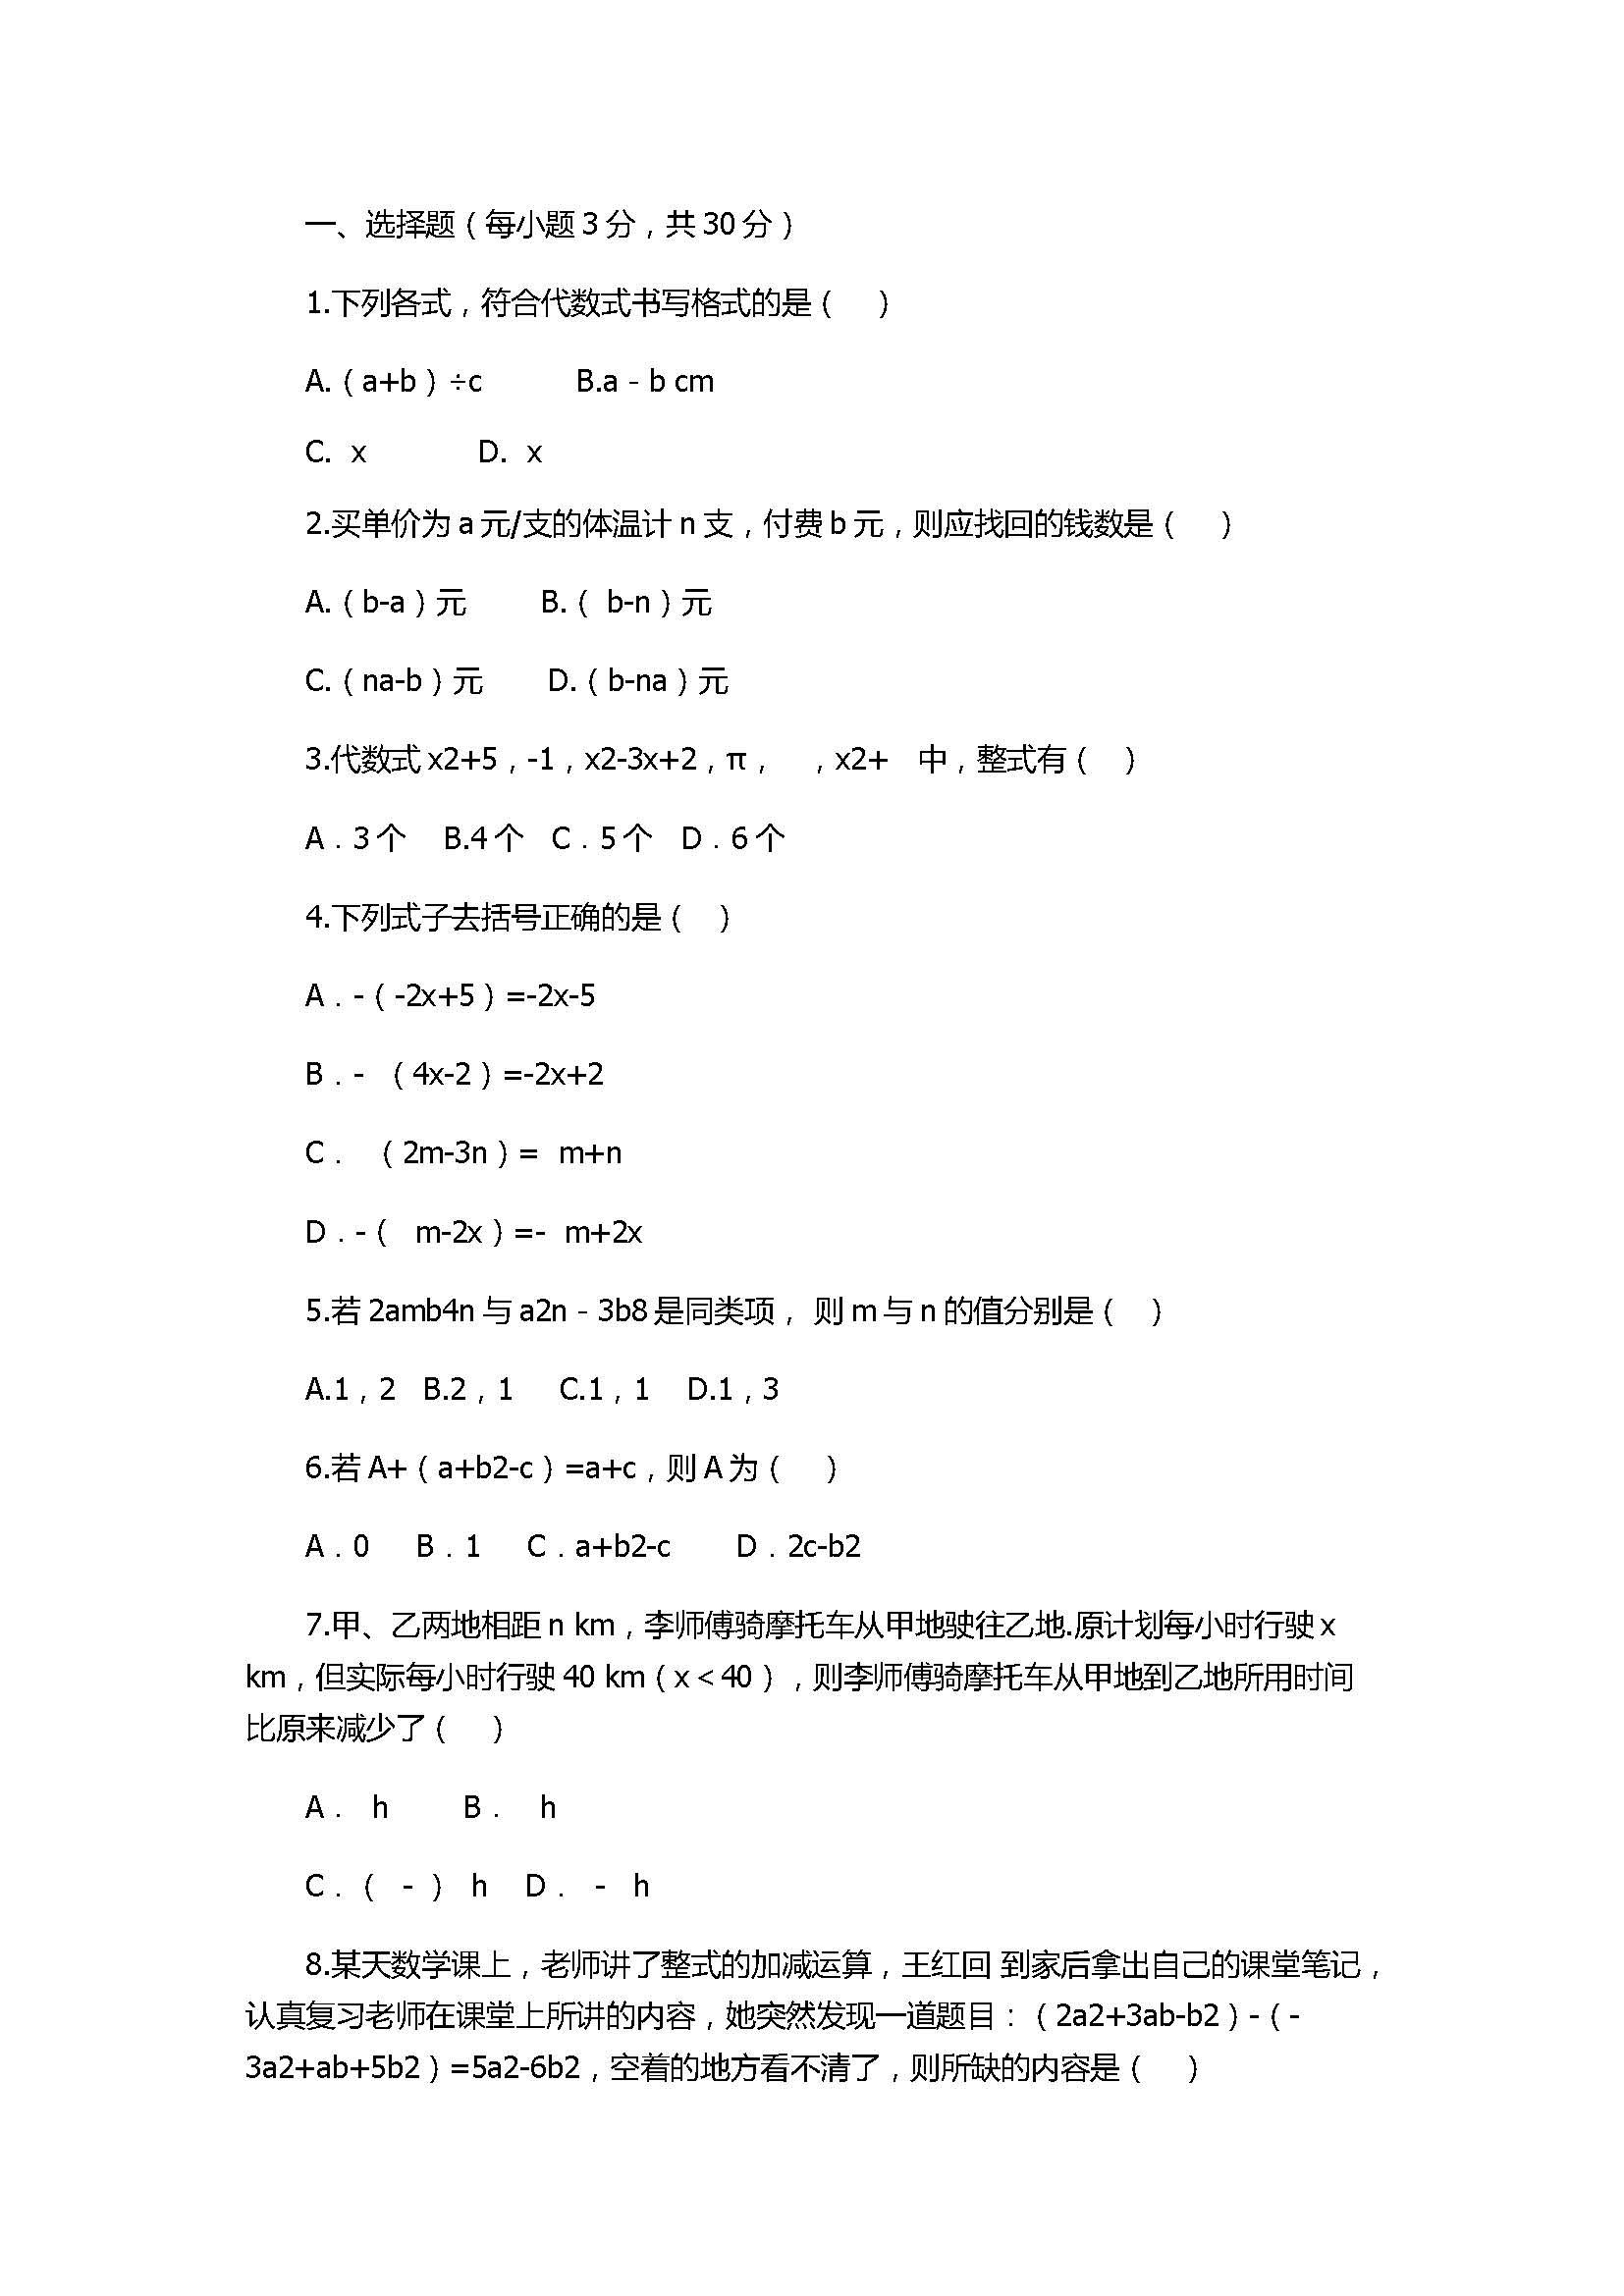 2017七年级数学上册第三章单元测试卷附答案(北师大版)